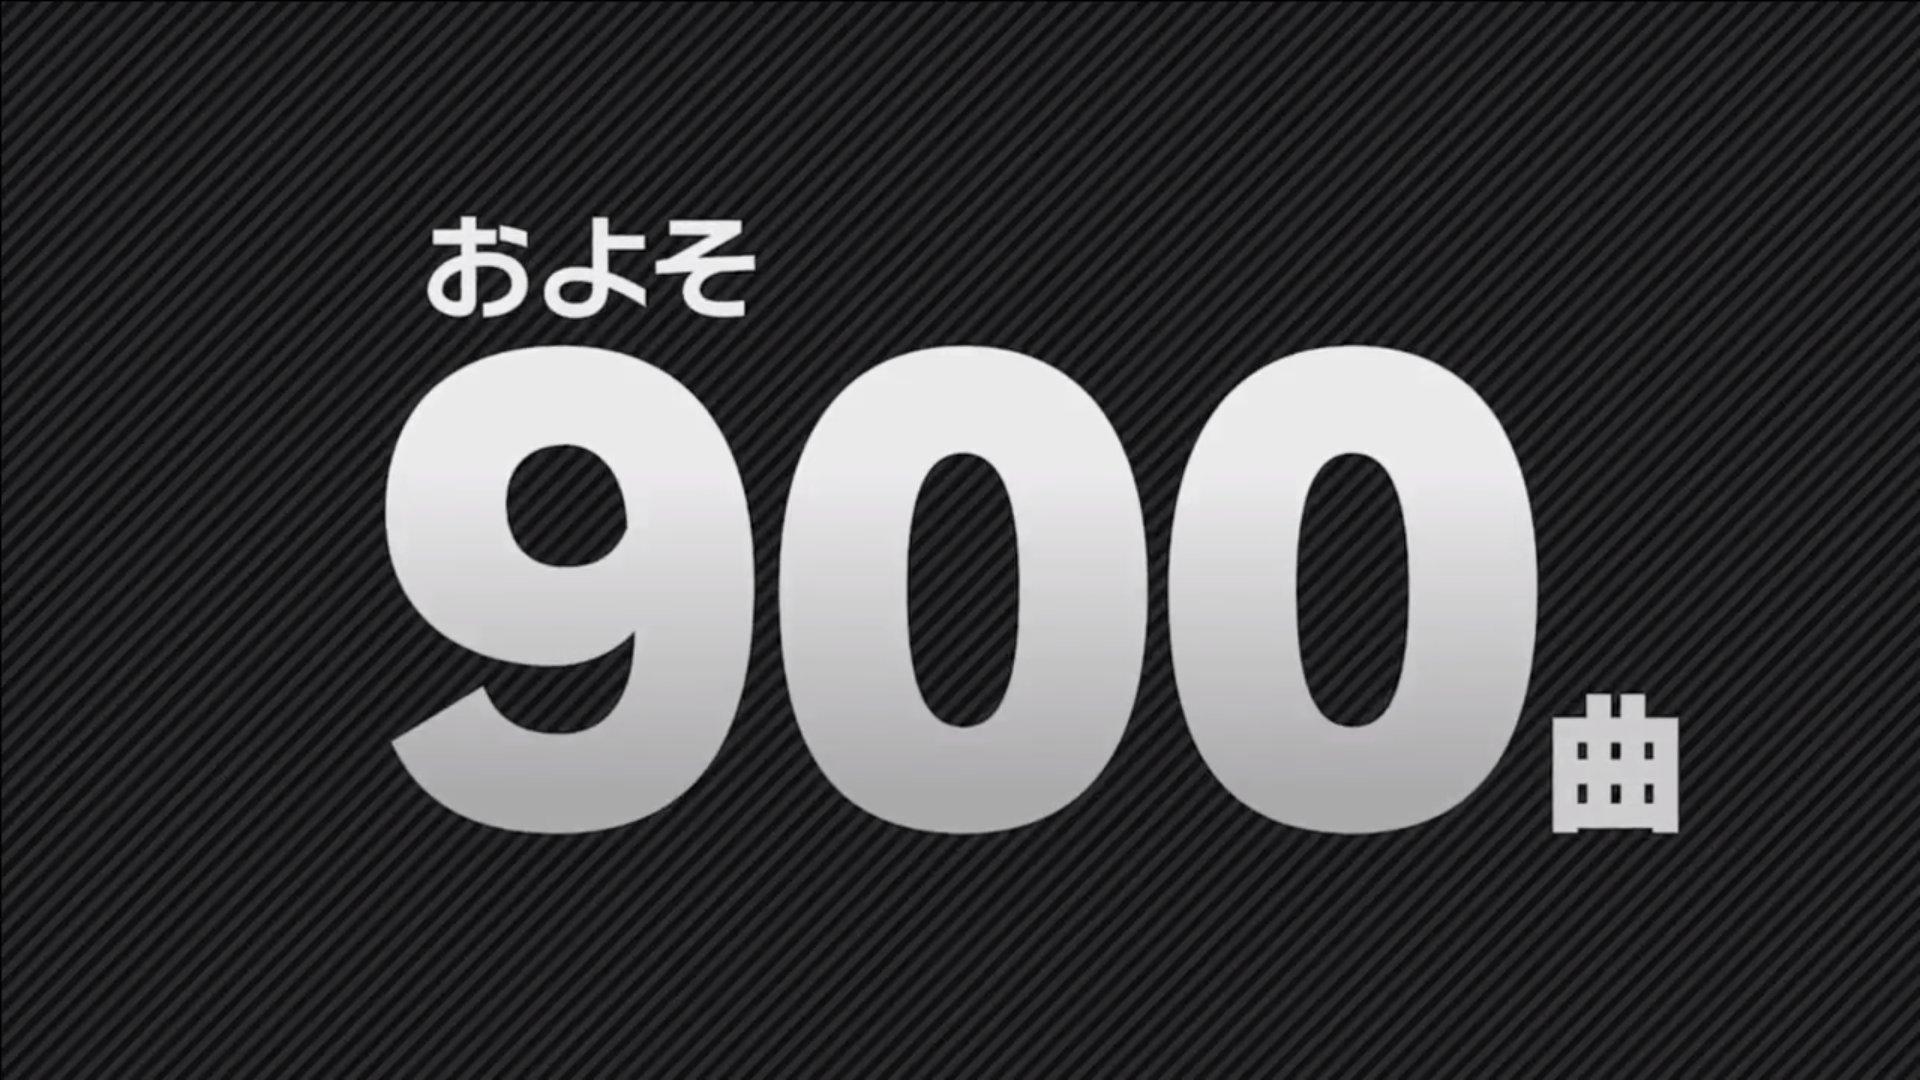 【速報】収録楽曲数は驚異の900曲!連続再生時間は28時間超え!【スマブラSPダイレクト】